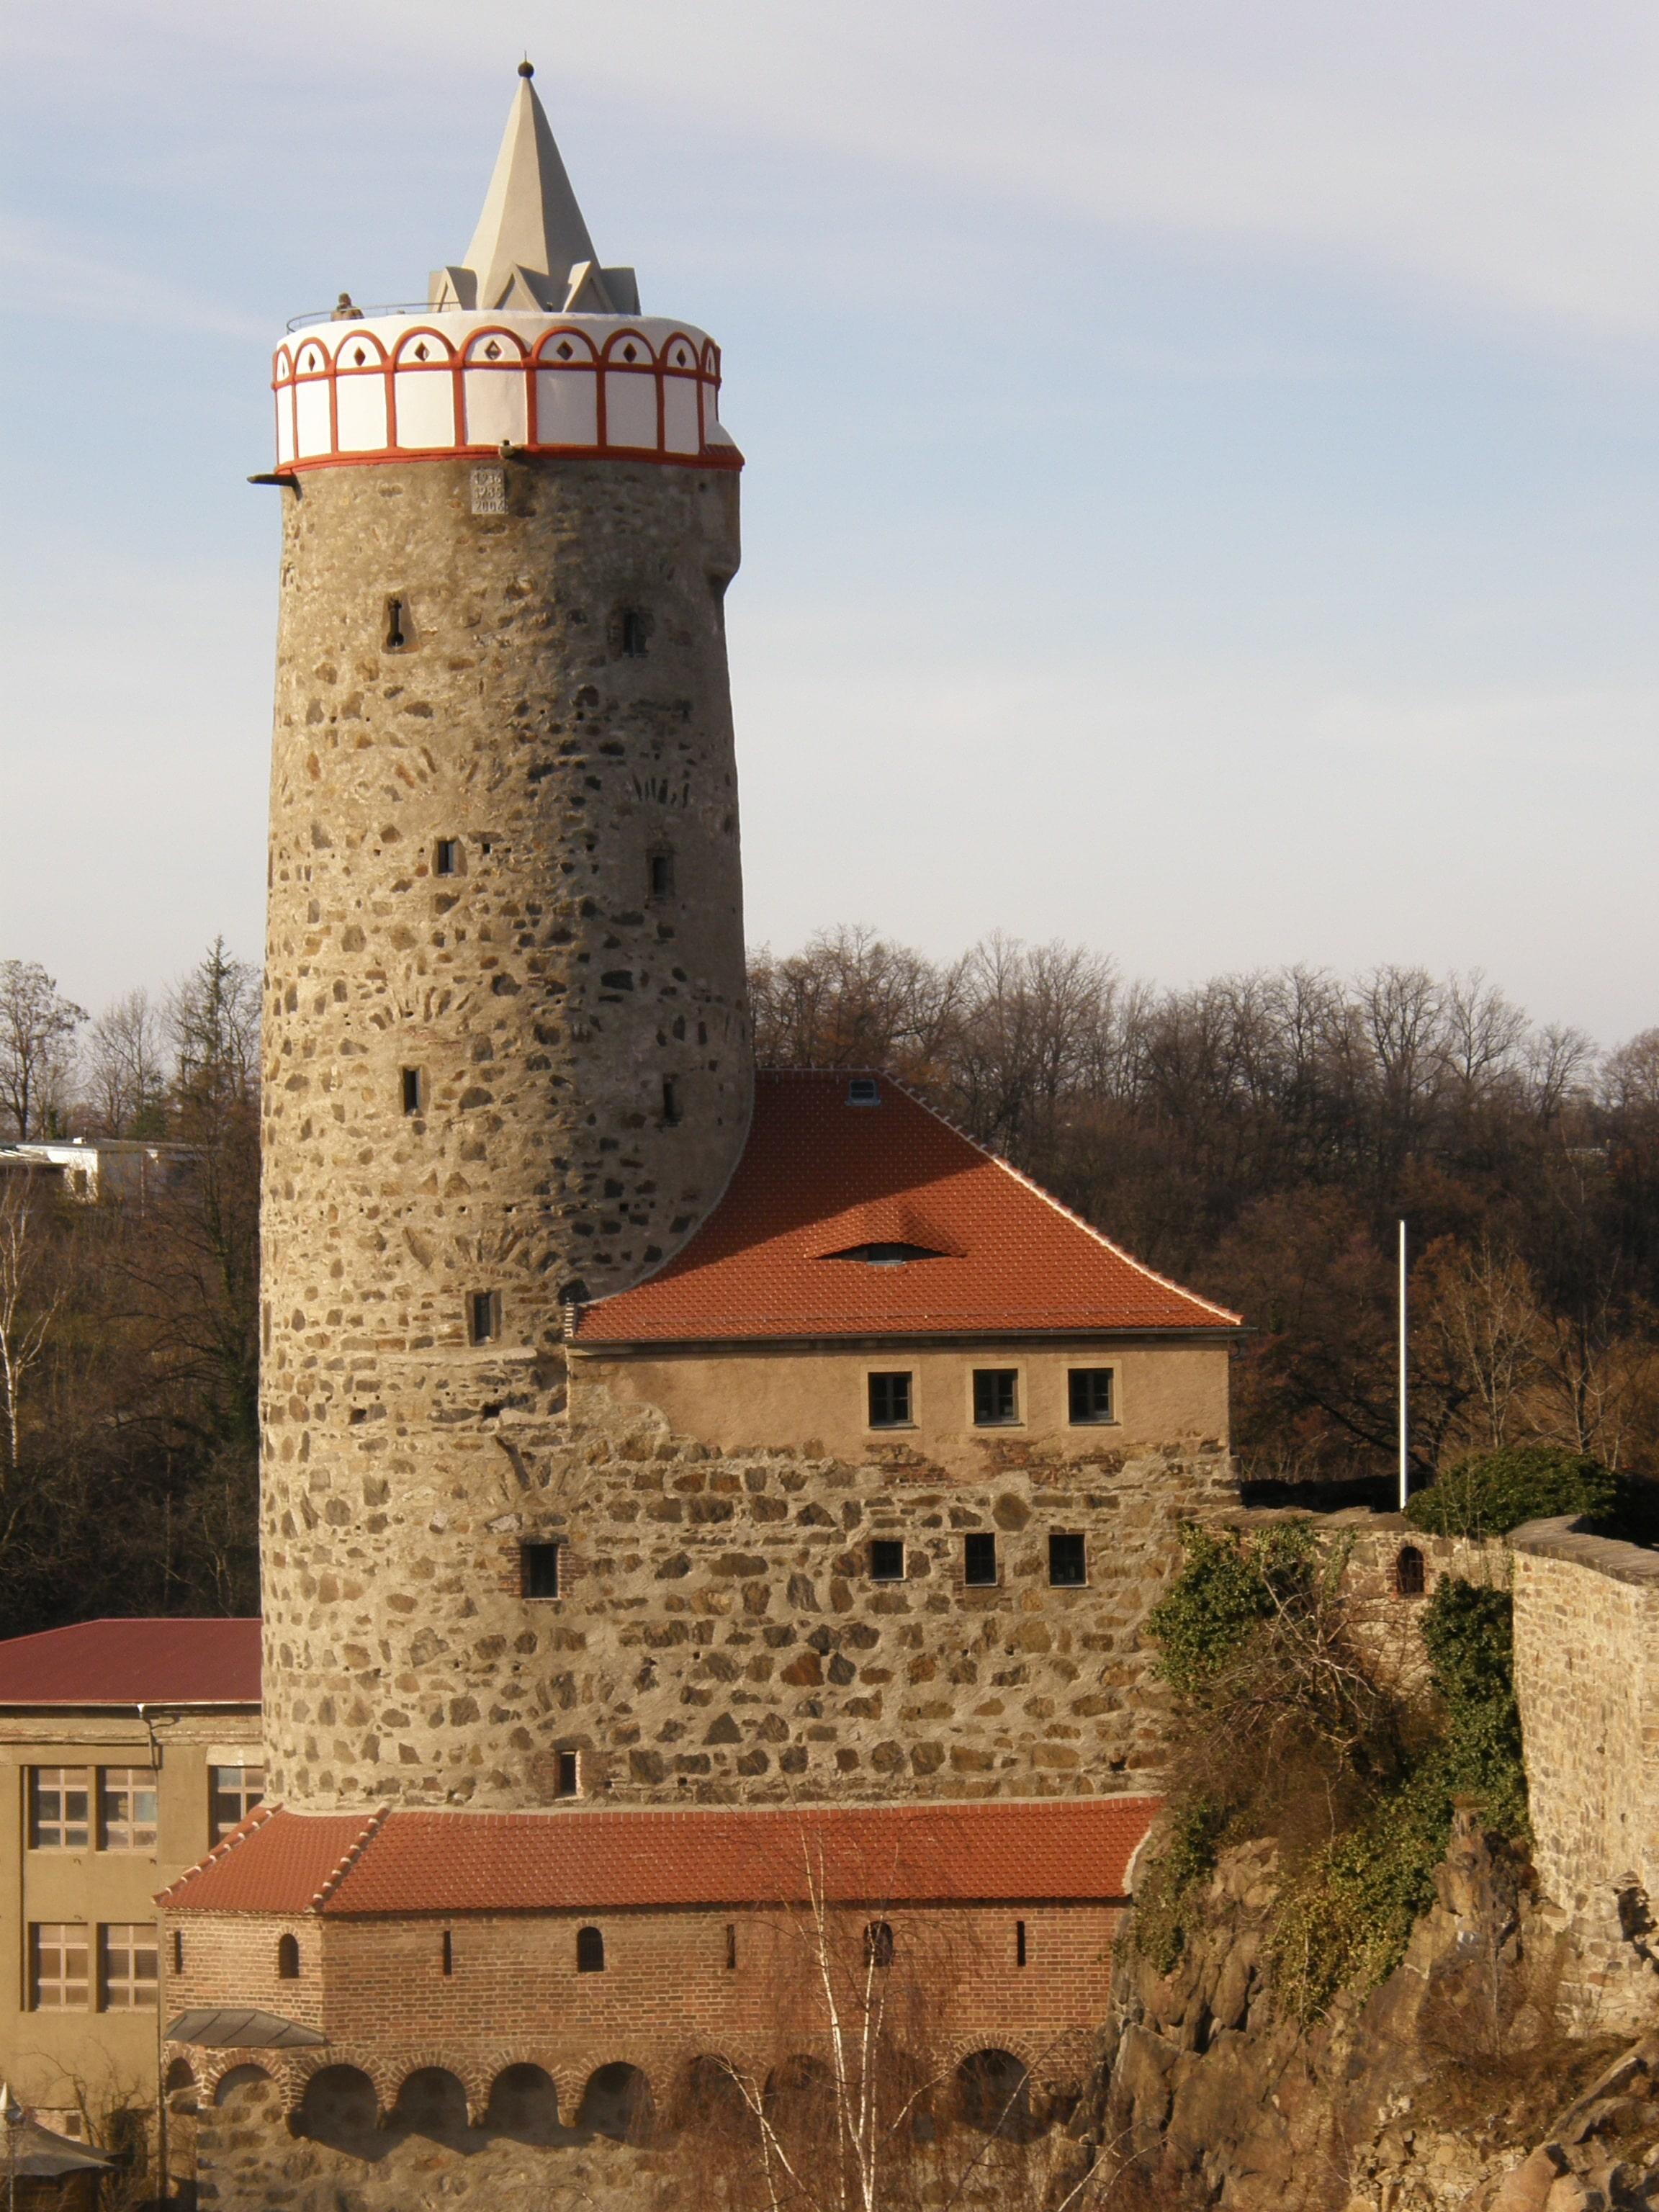 Башня строилась для строительства вокруг неё замка